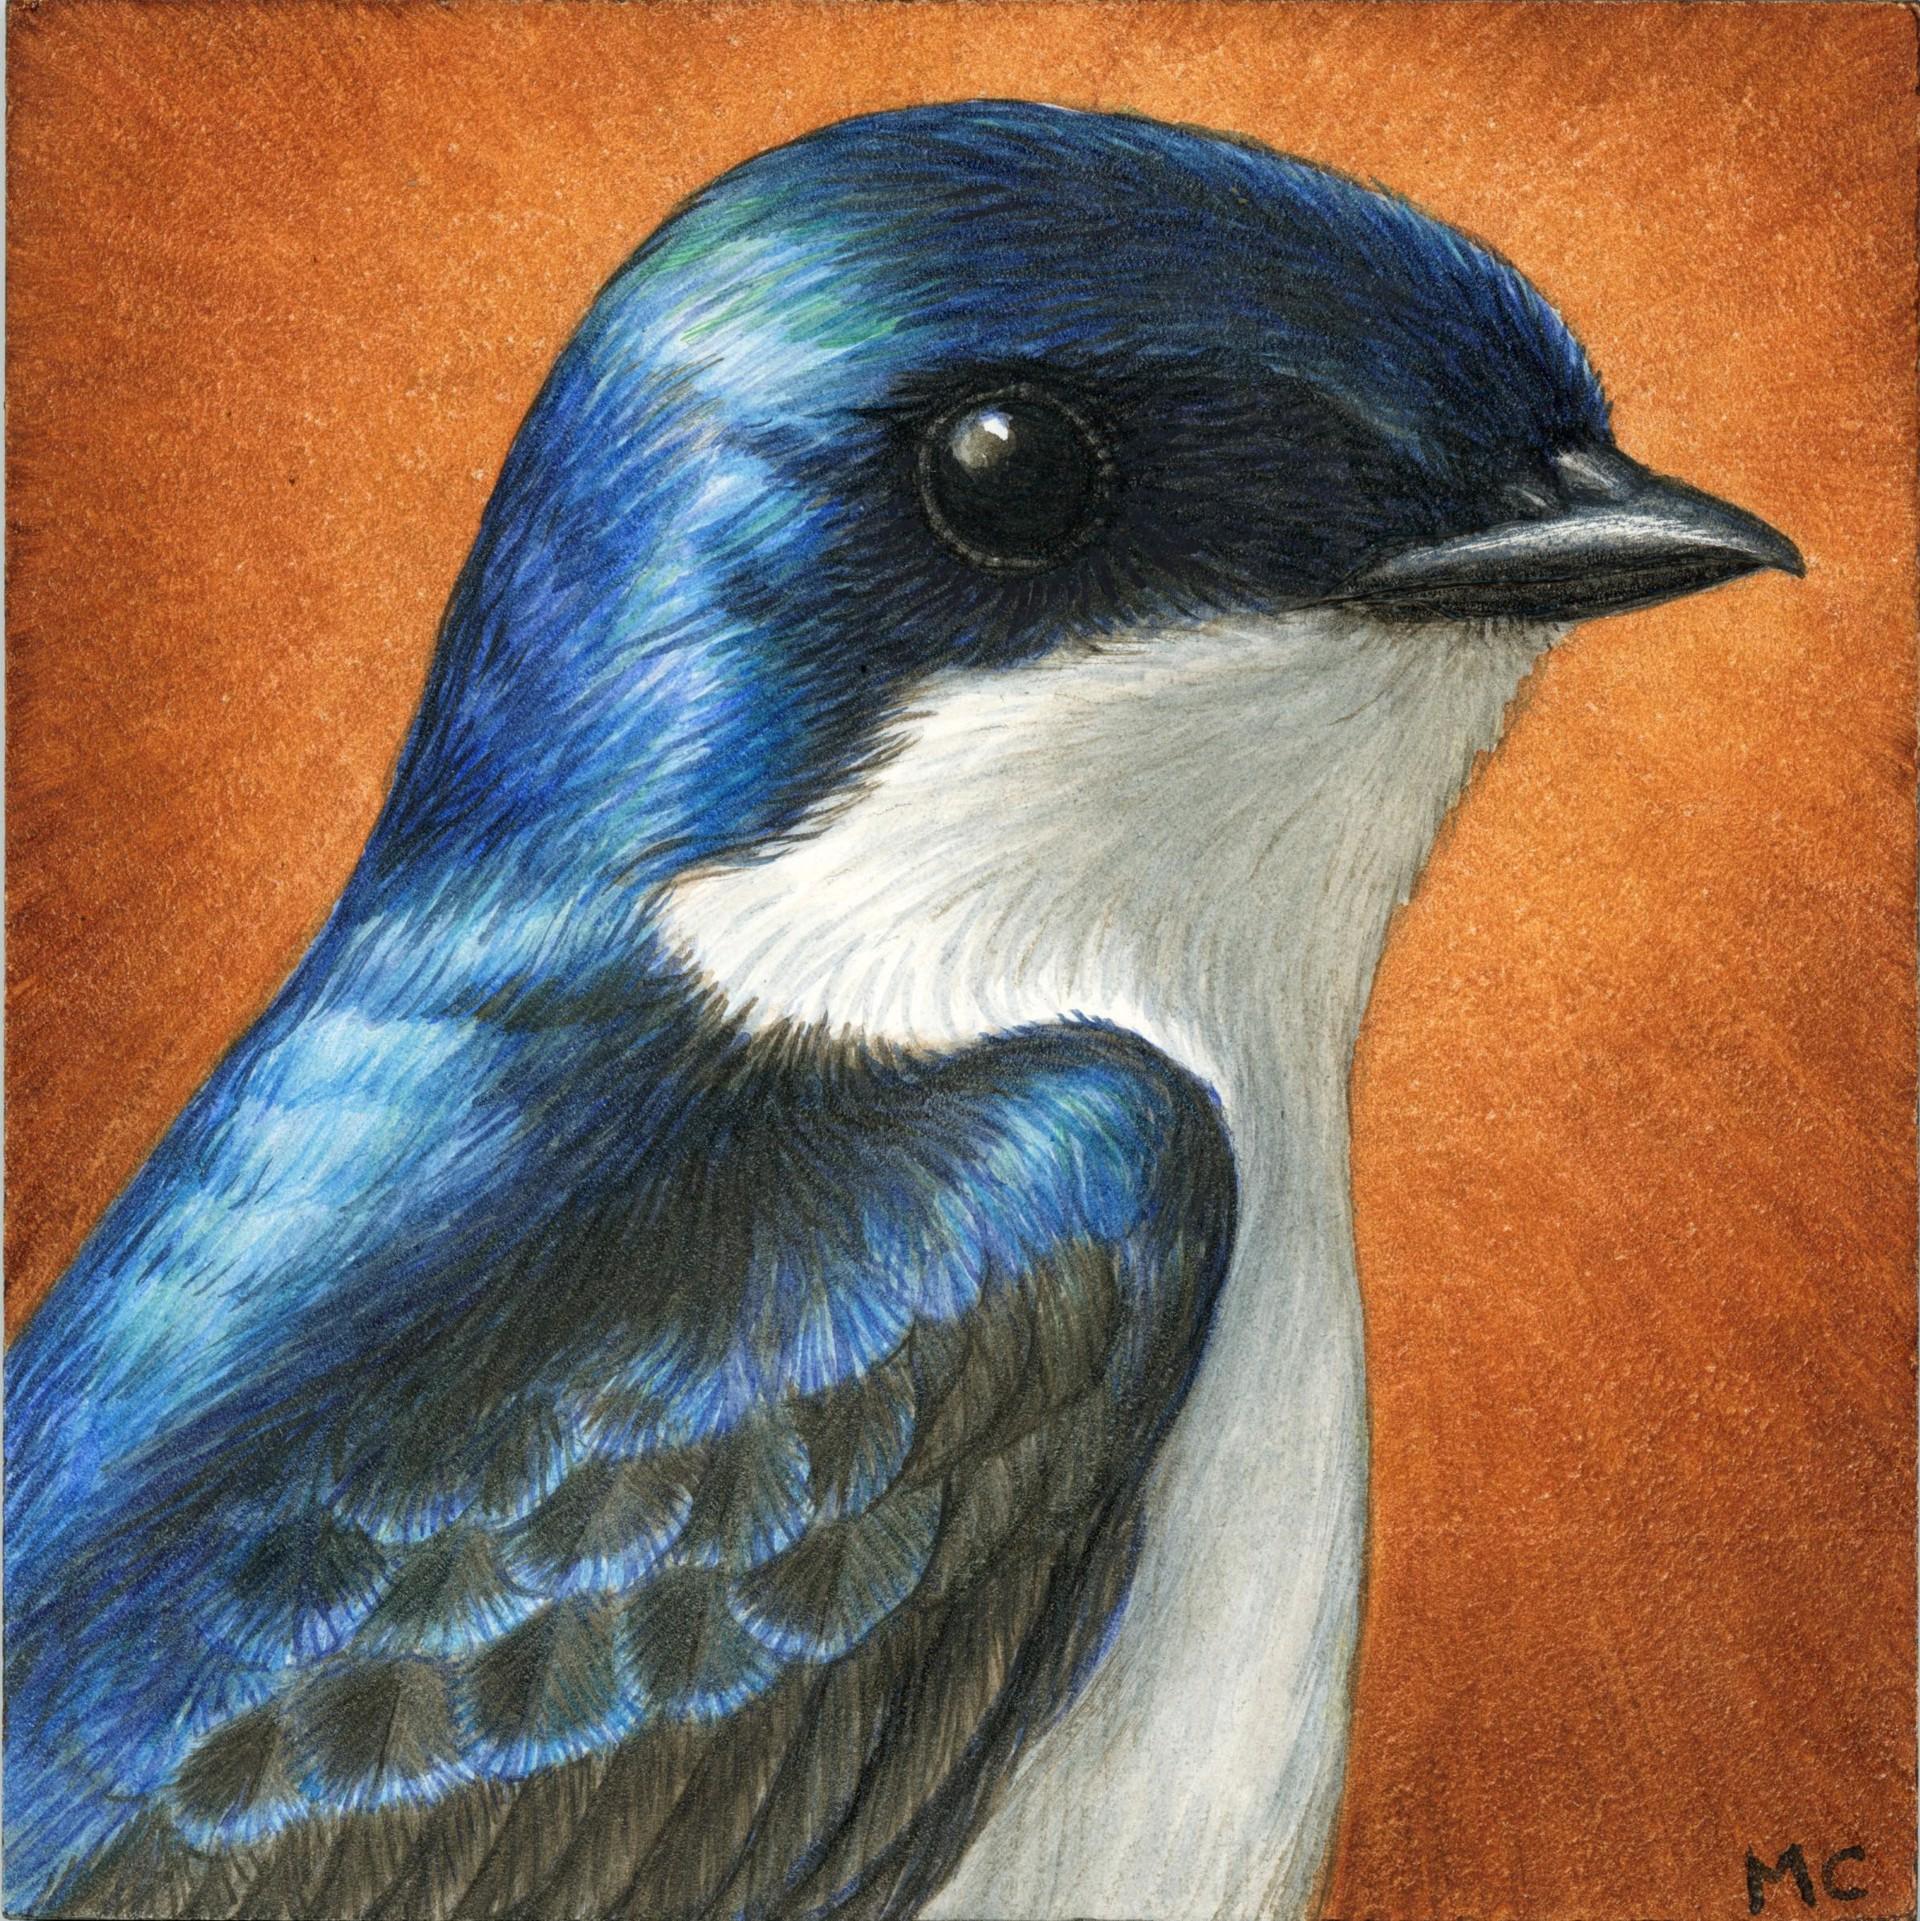 Tree Swallow by Margie Crisp